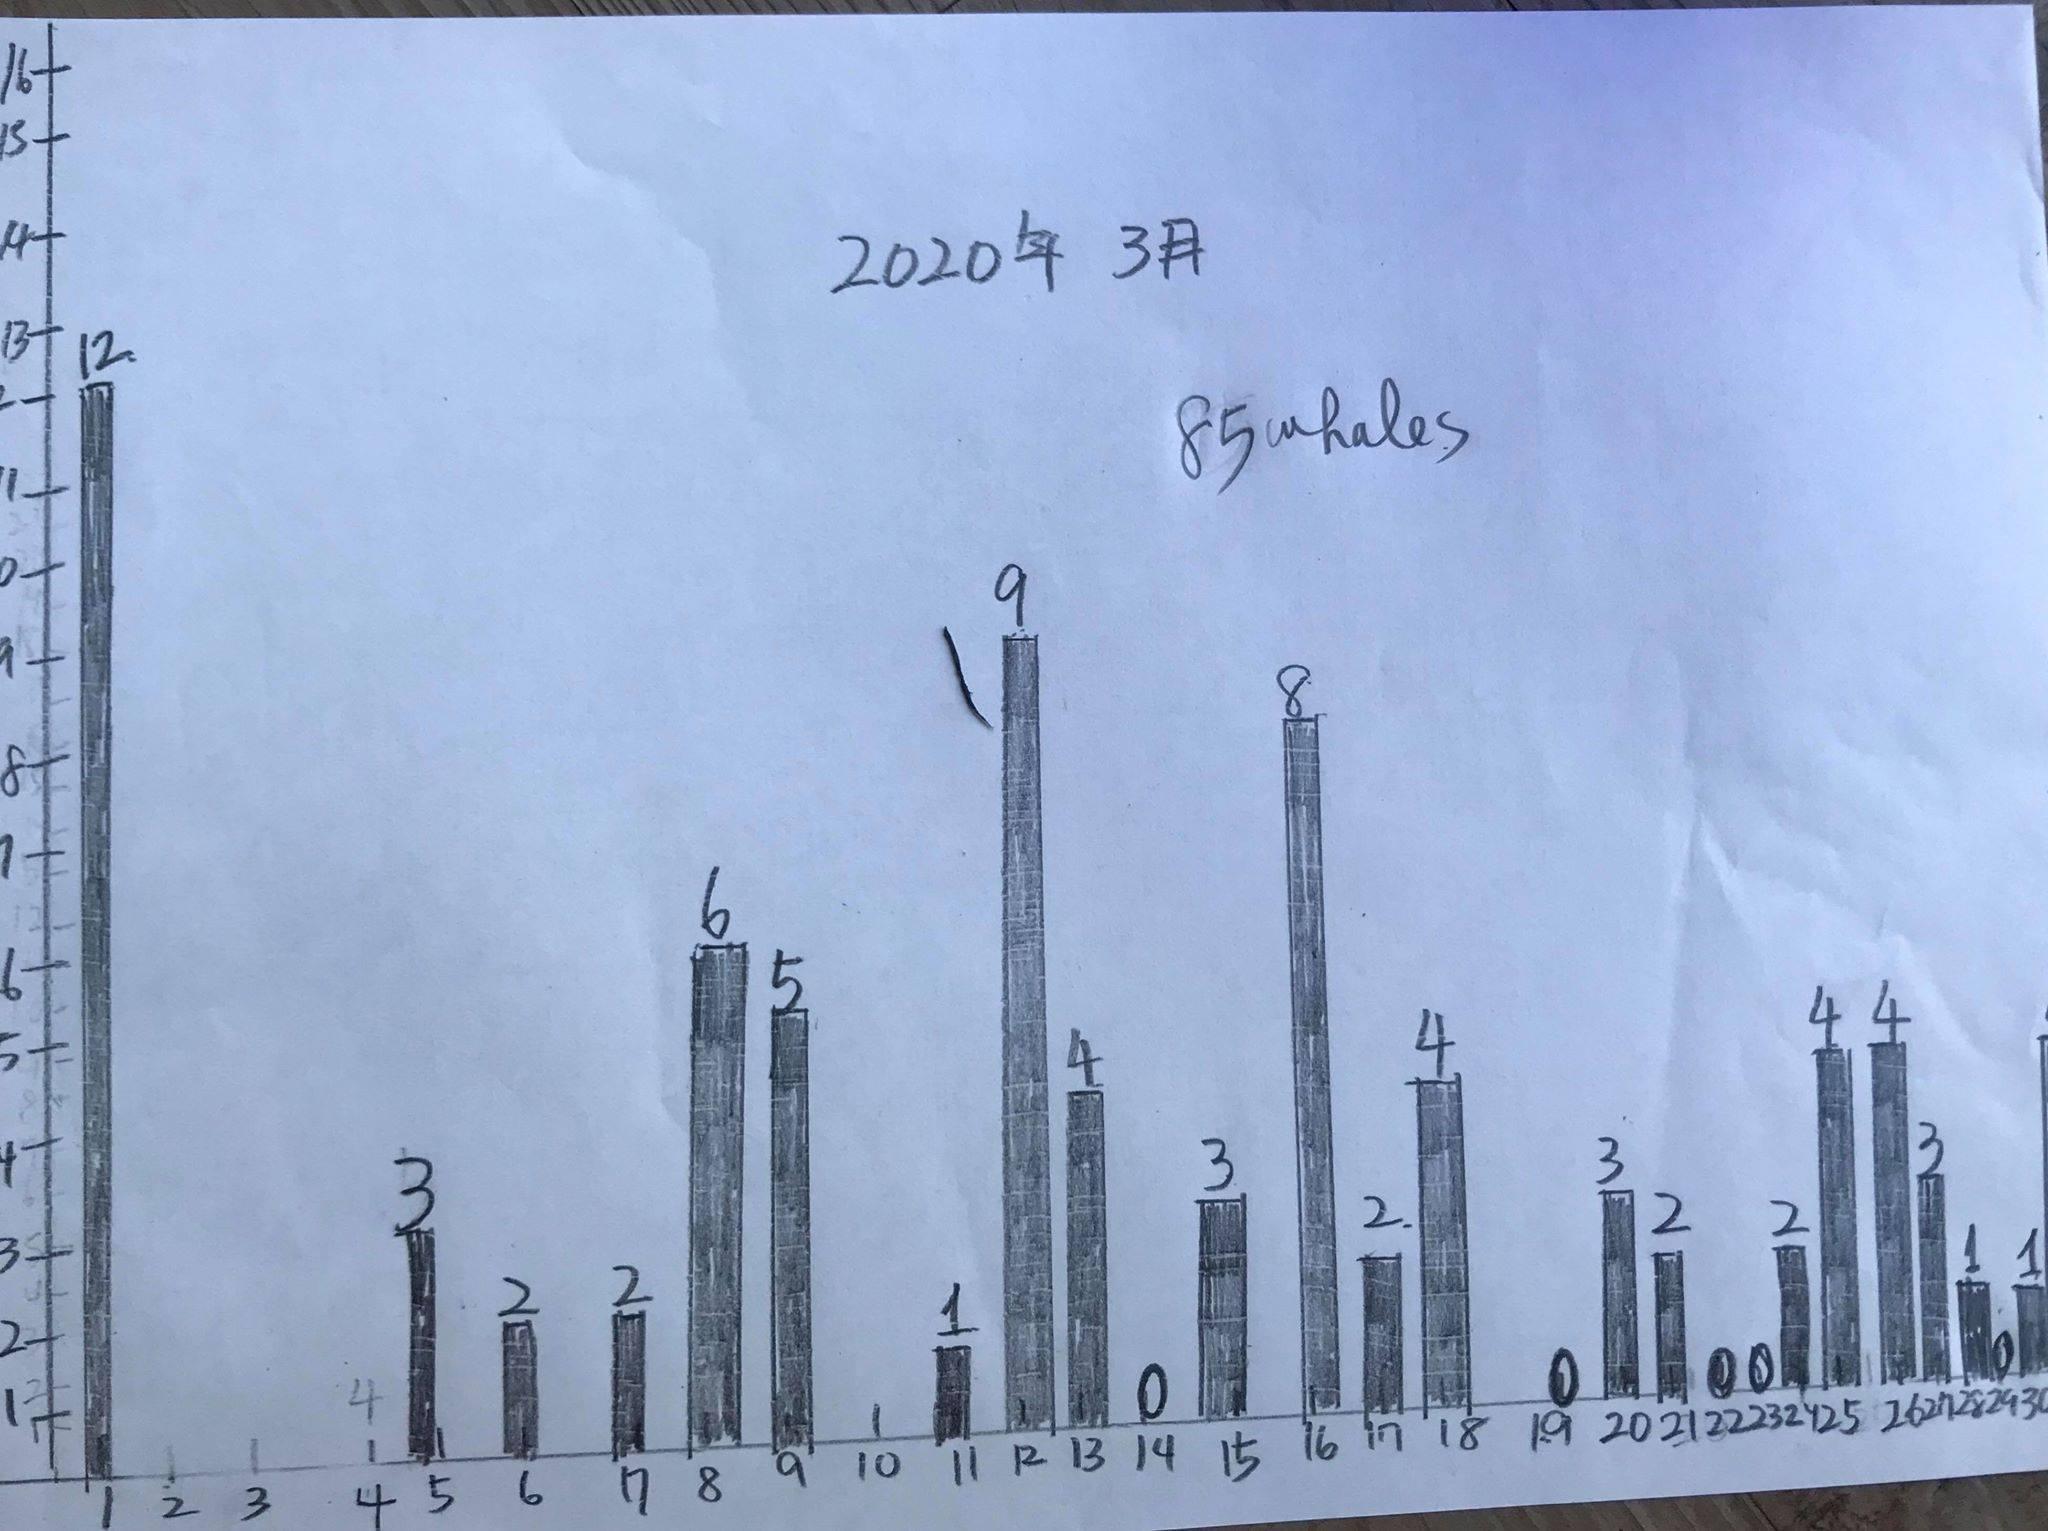 2020年鯨レポート 屋久島  ザトウクジラ_b0160957_17181847.jpg